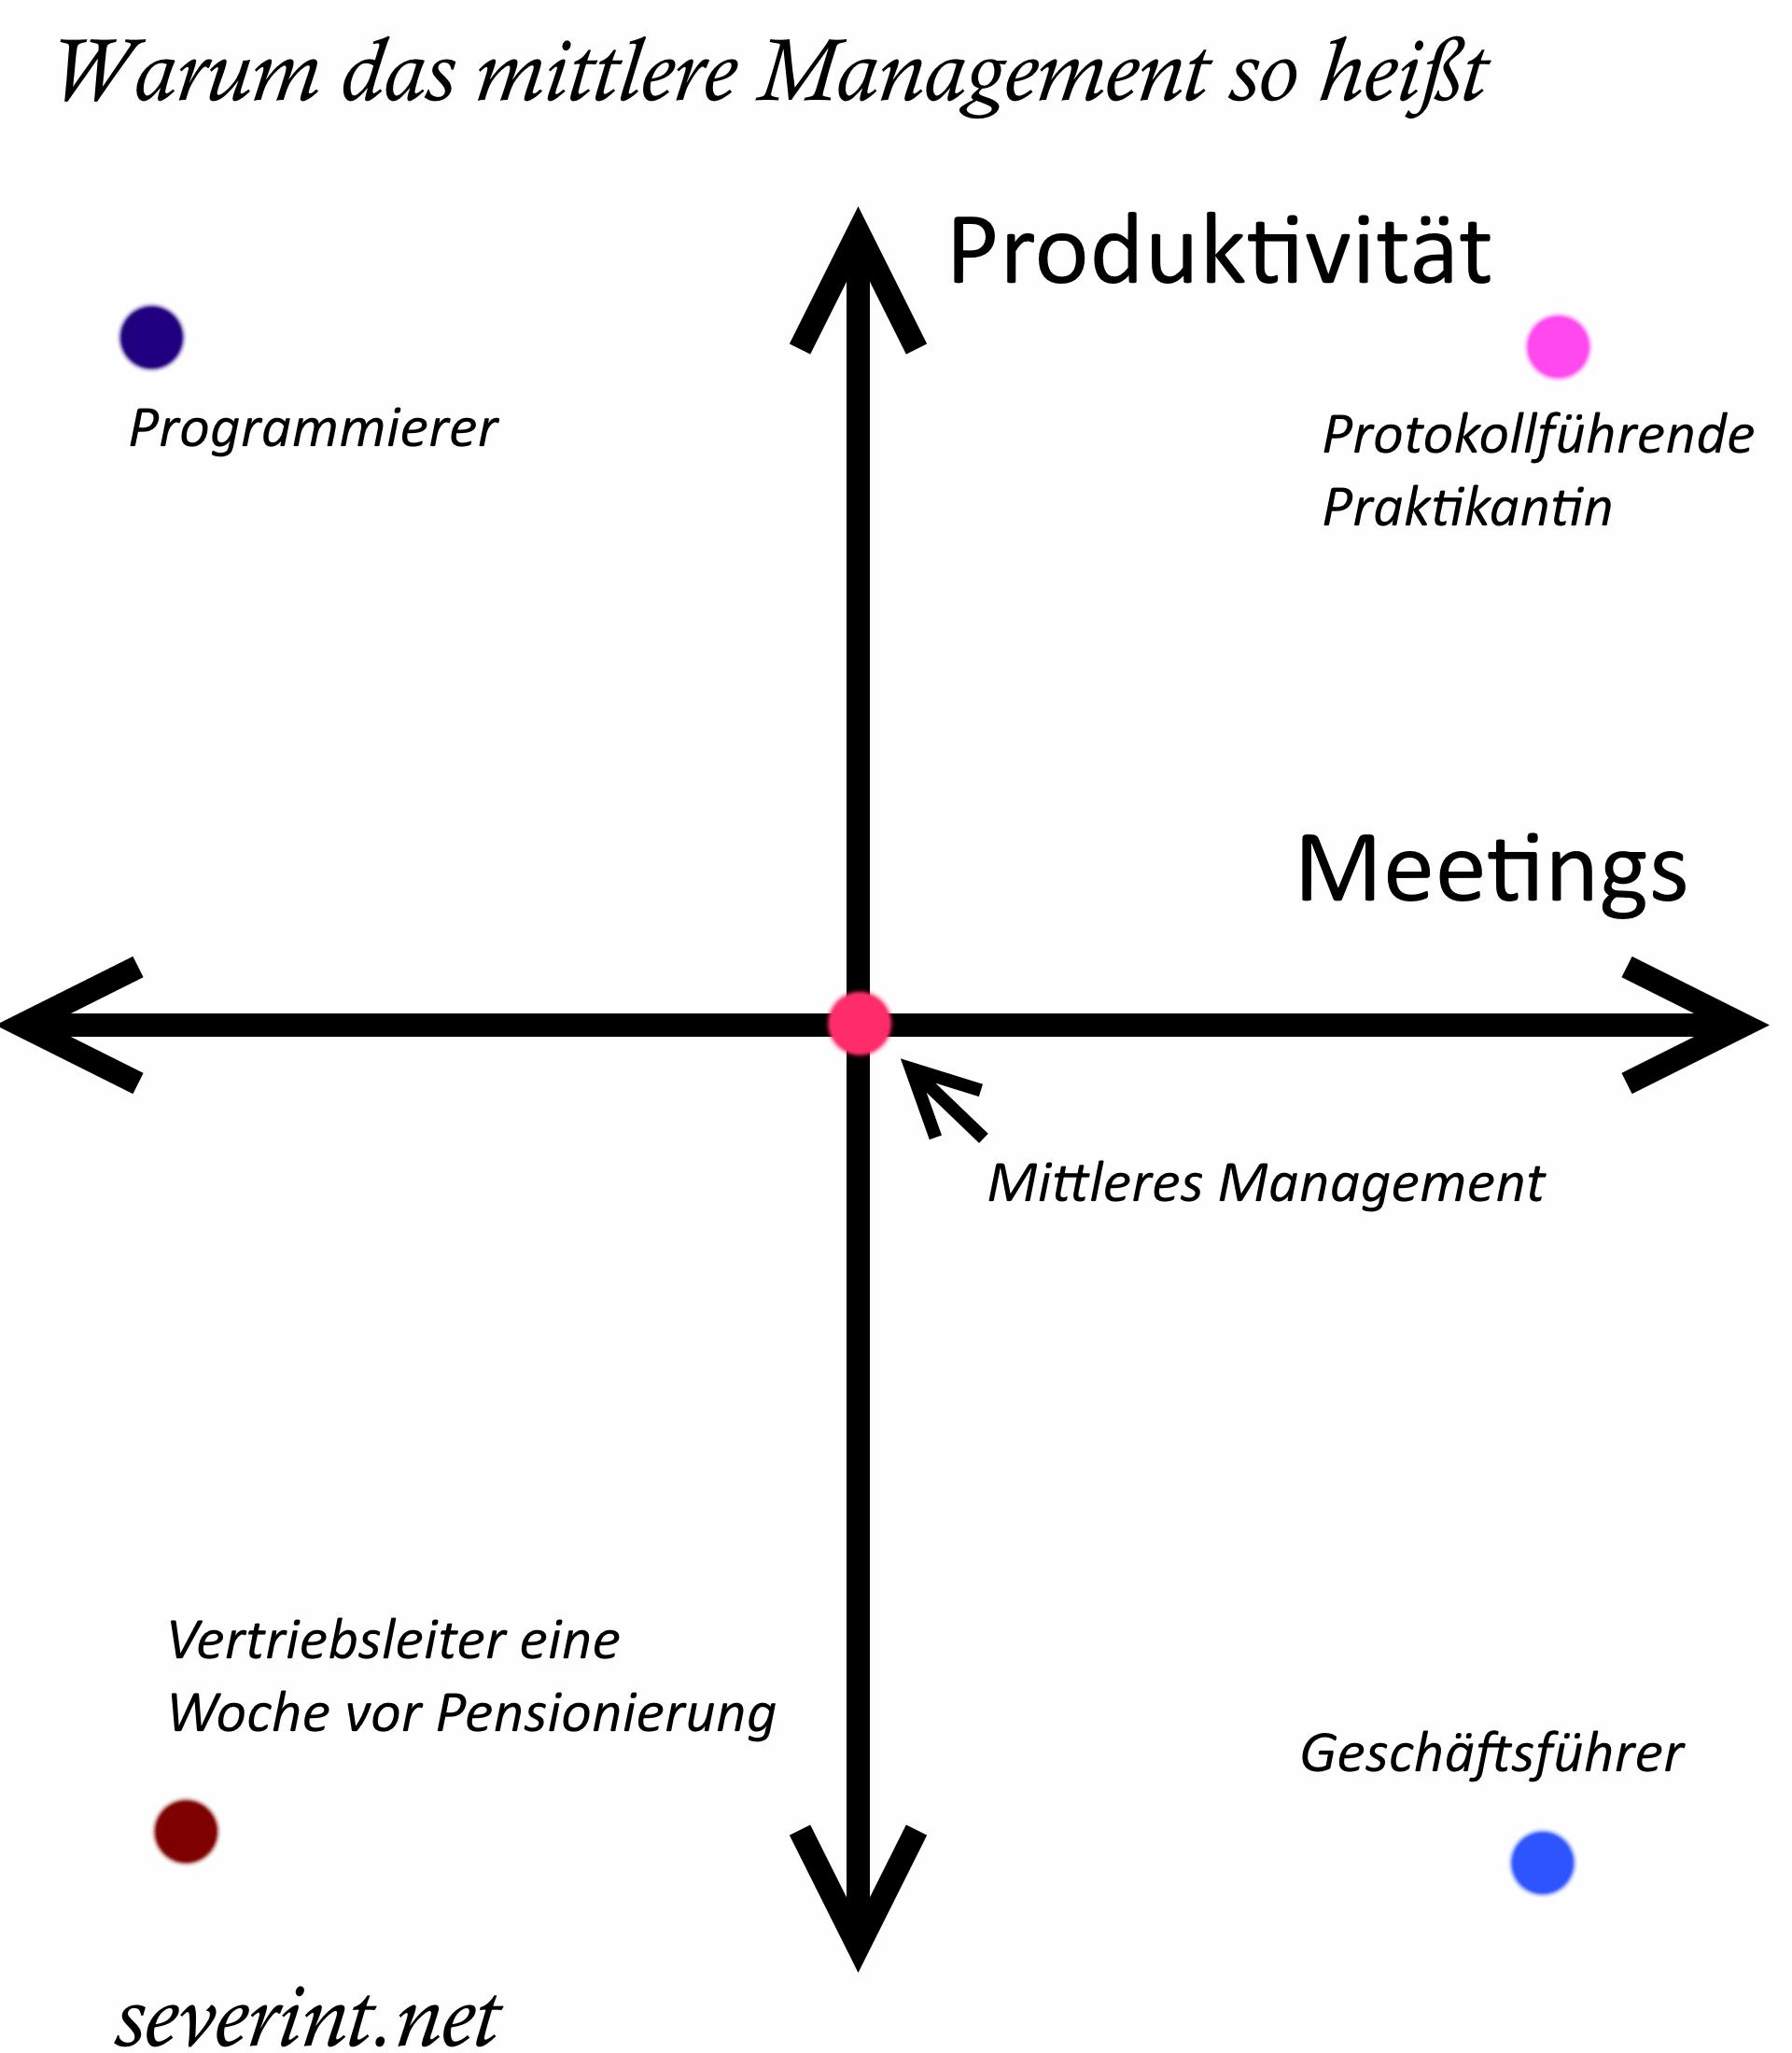 mittleres-management